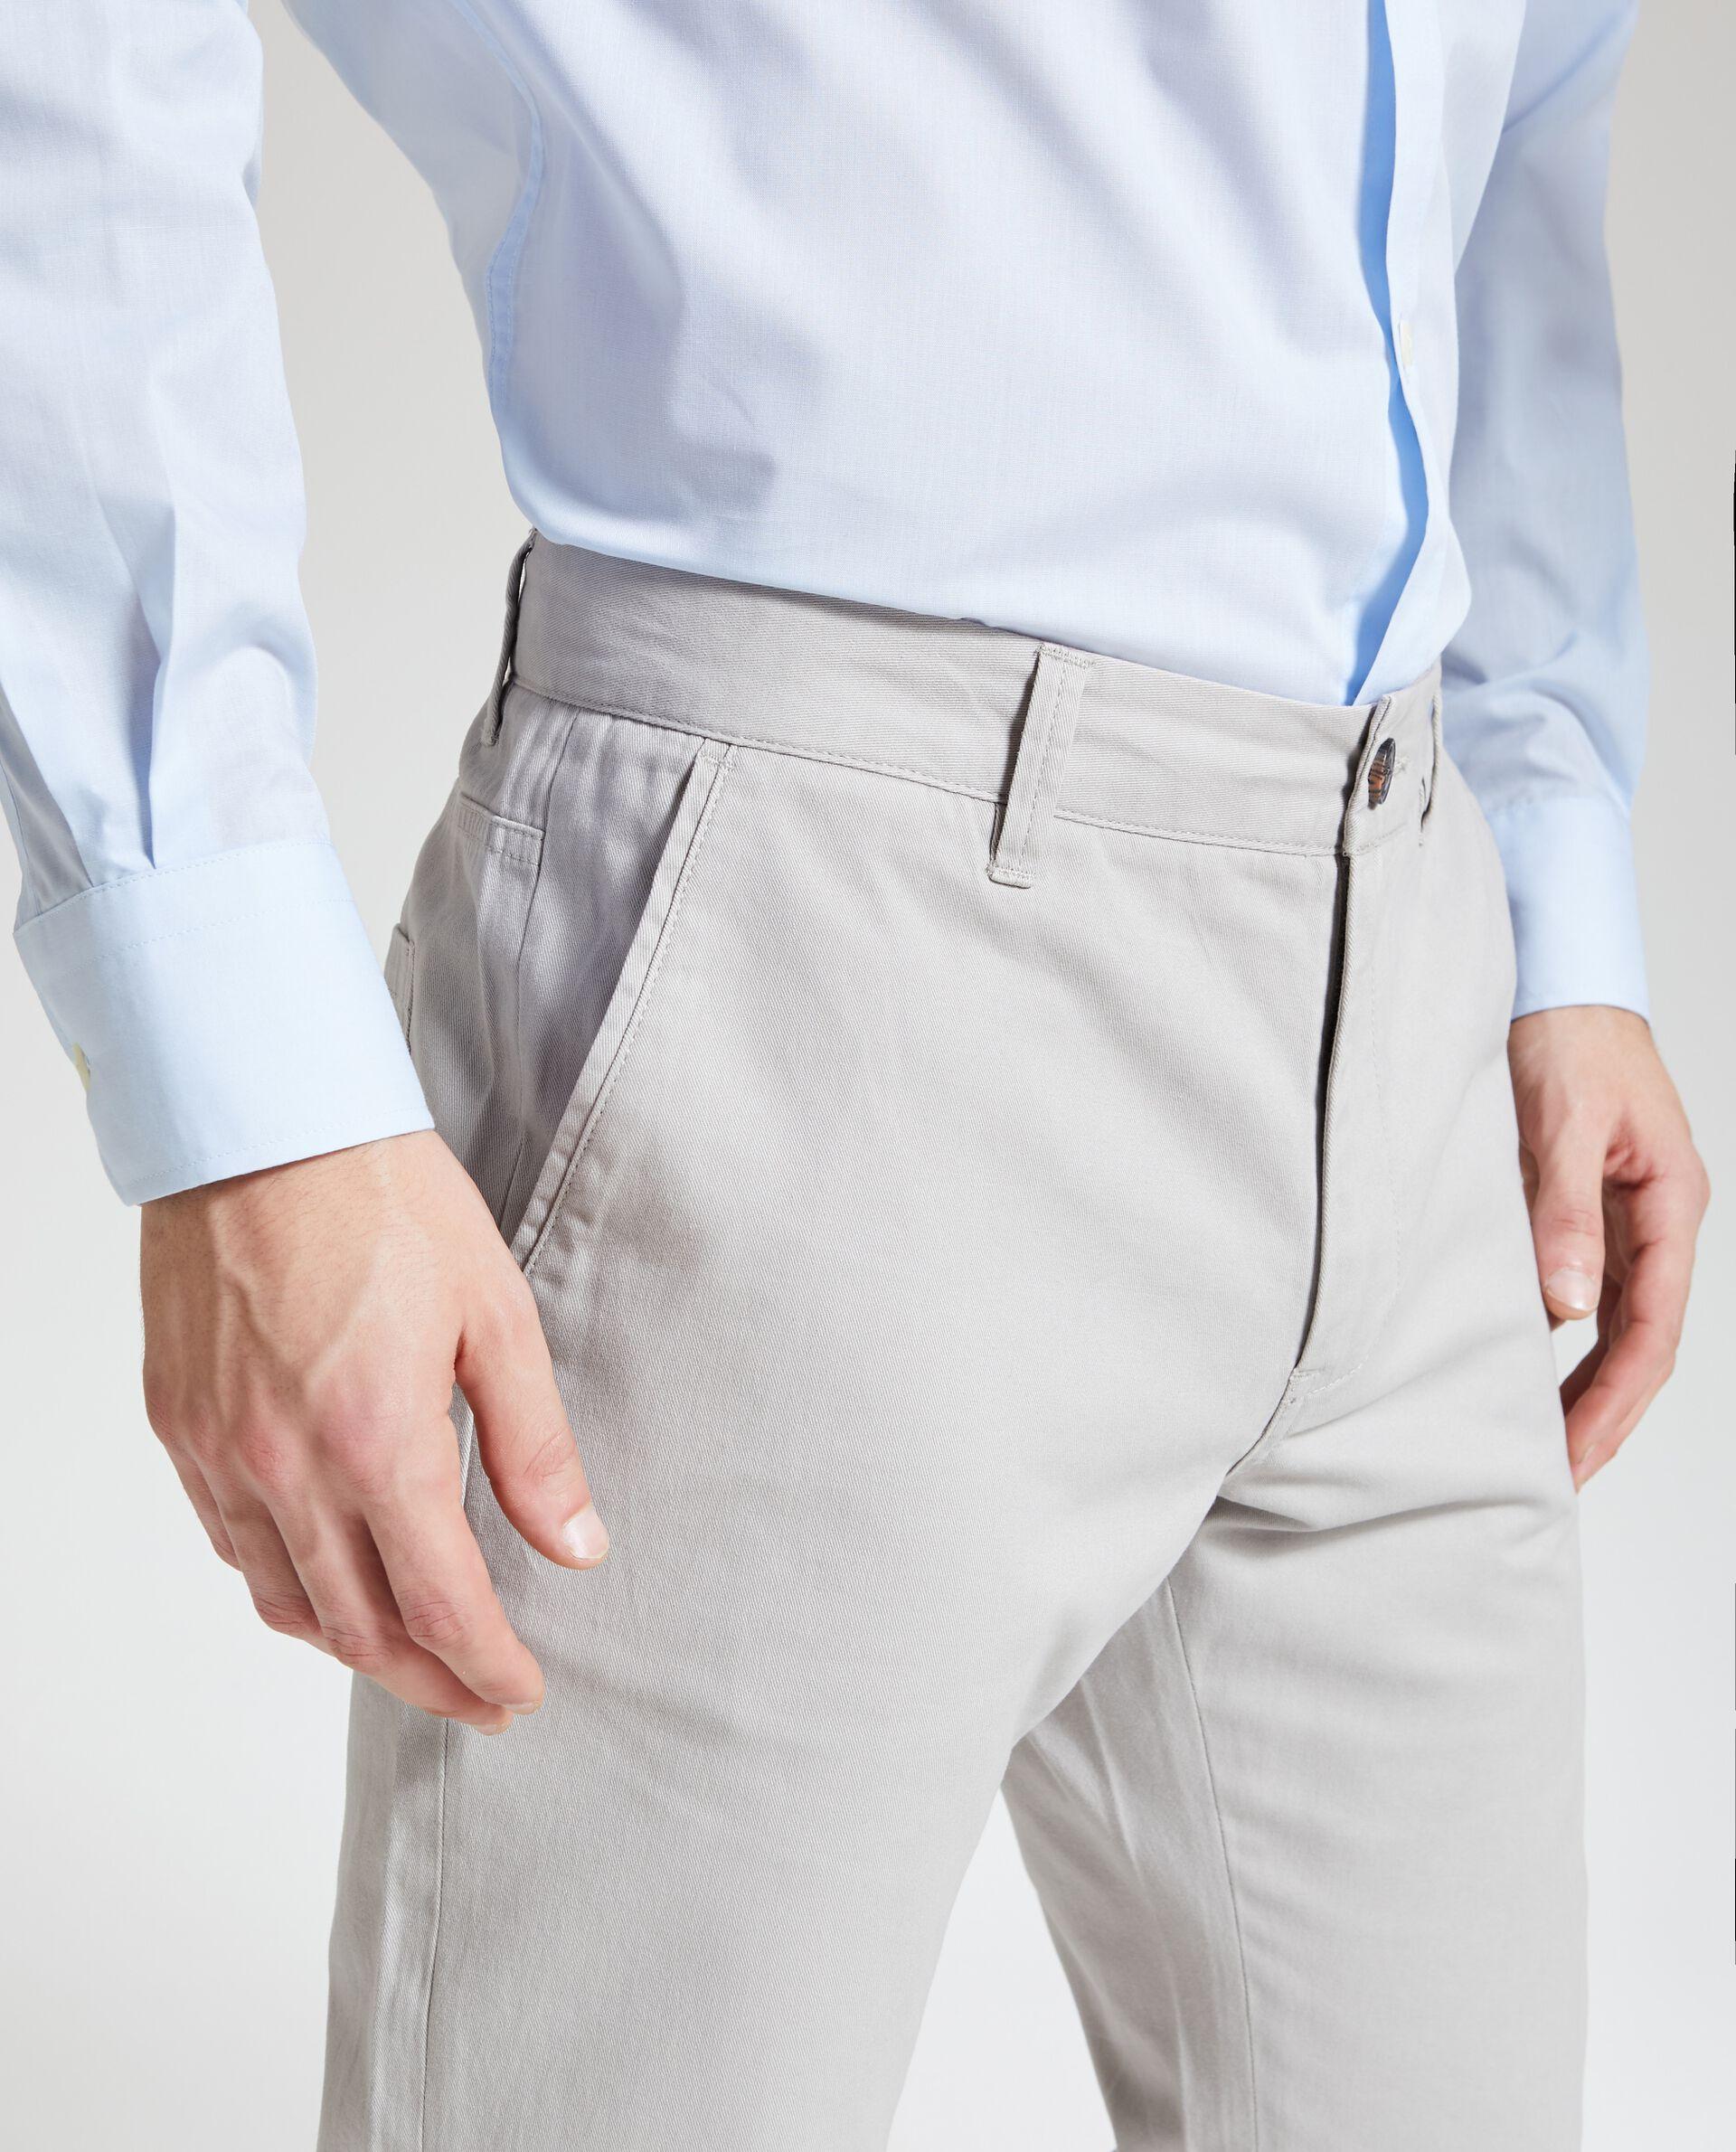 Pantaloni tinta unita puro cotone uomo